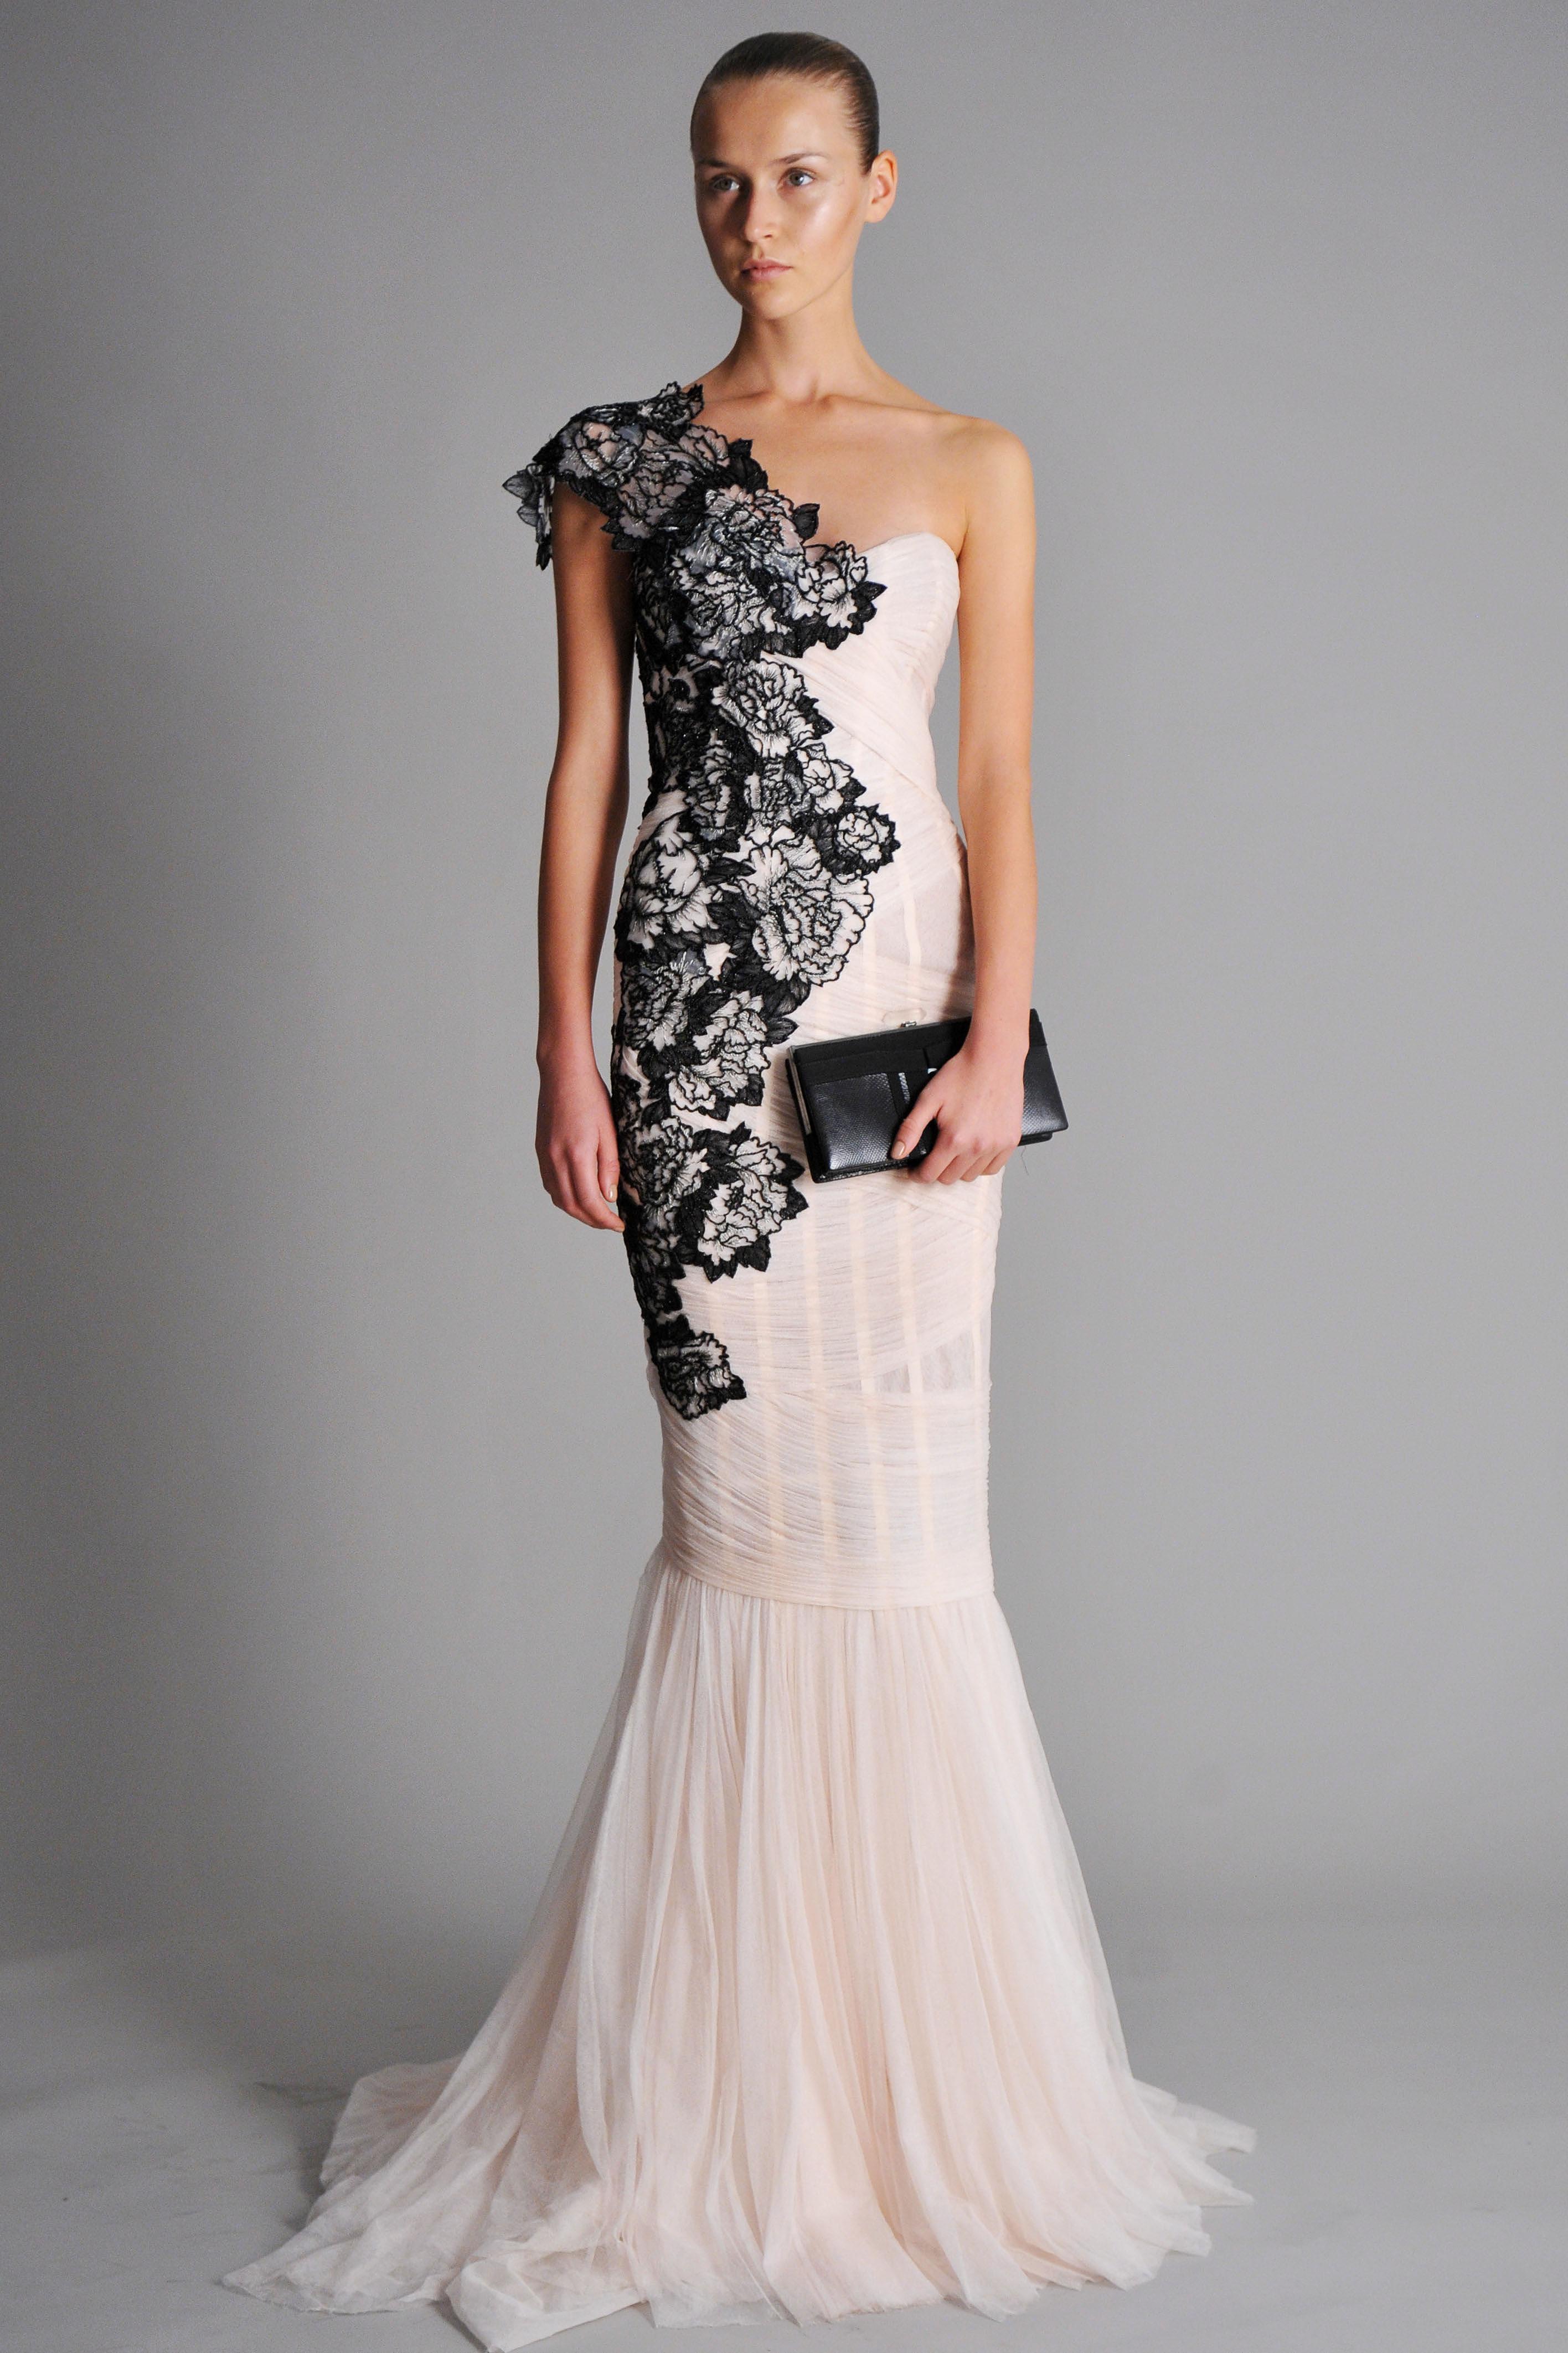 955451cea24 Обратите внимание на прозрачность вашего платья. Если оно слишком  просвечивает